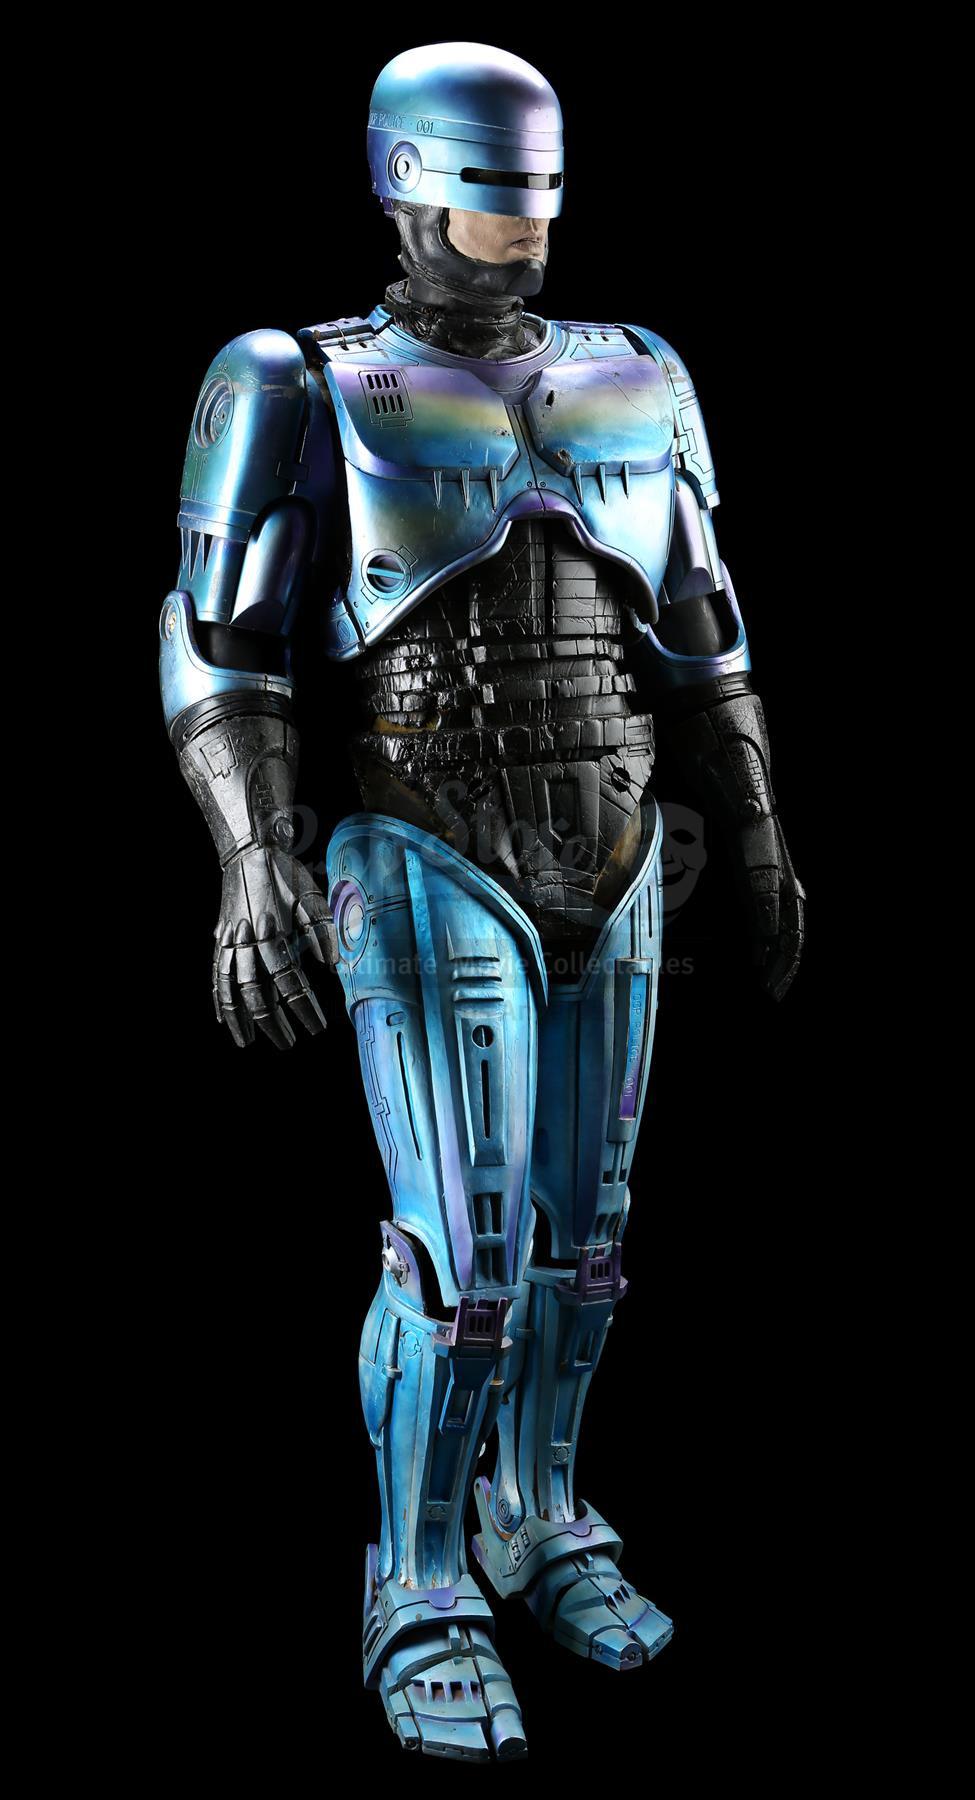 robocop 2 1990 robocops peter weller costume